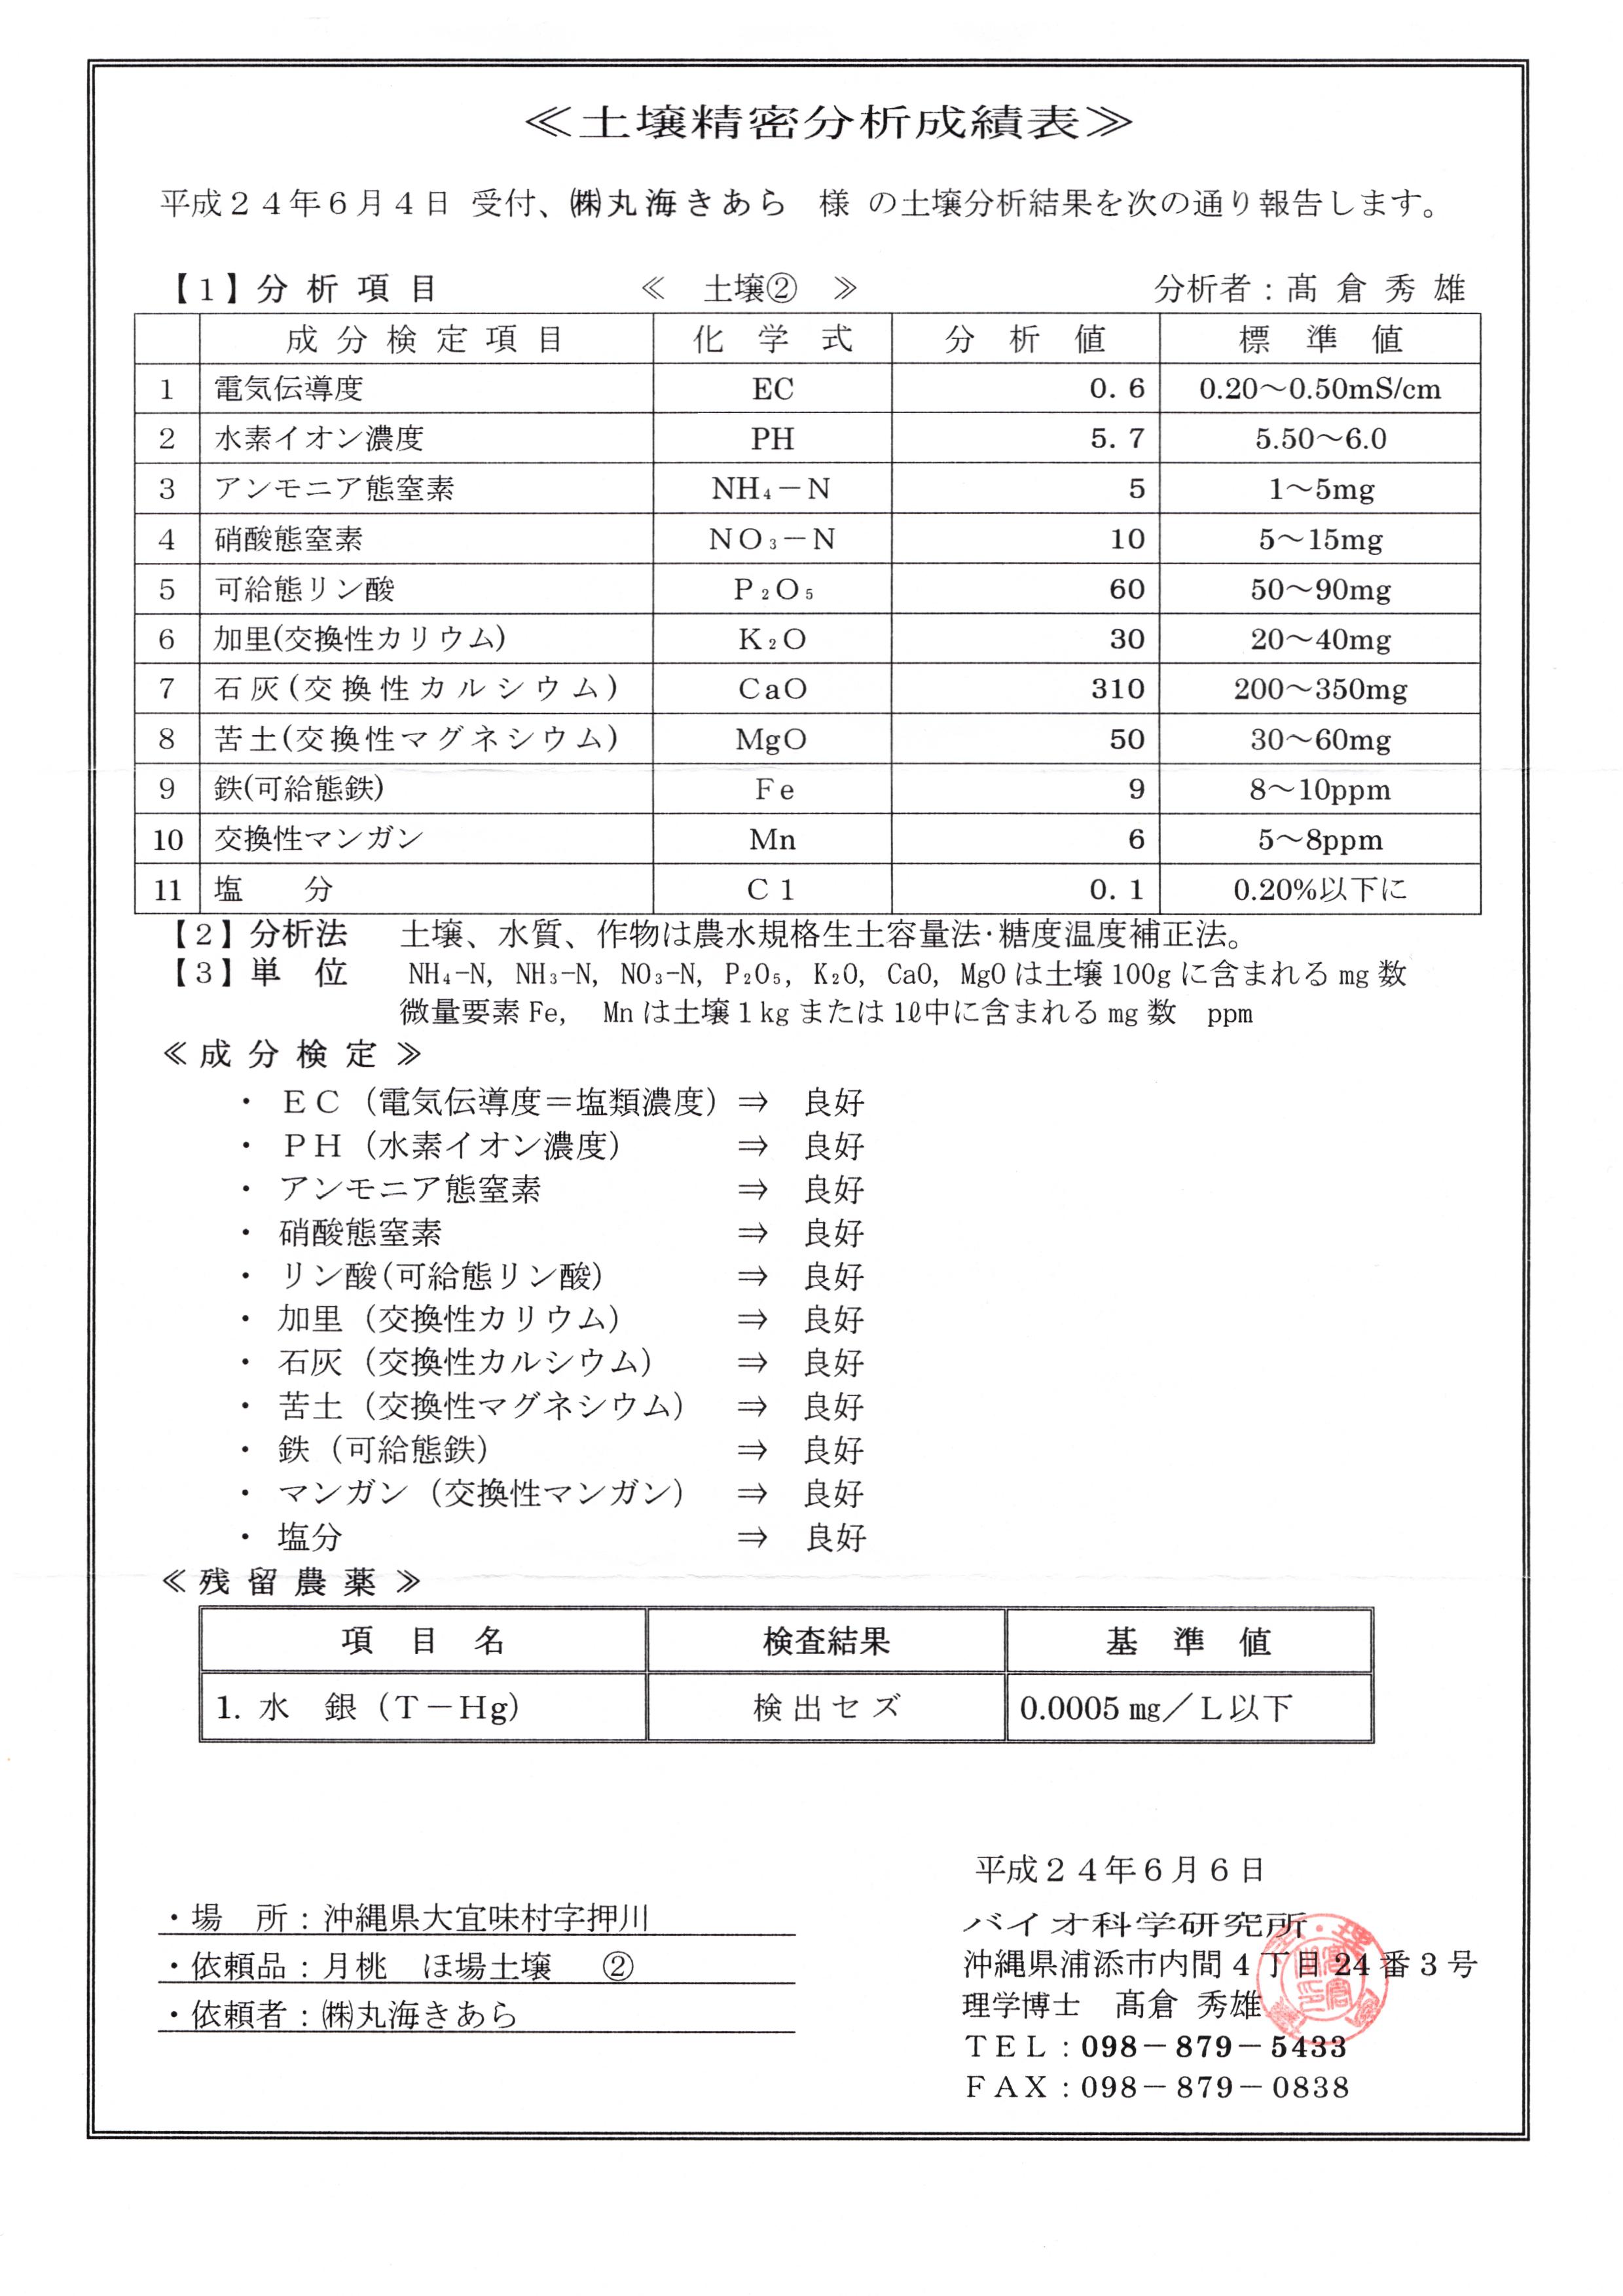 土壌精密分析成績表-2